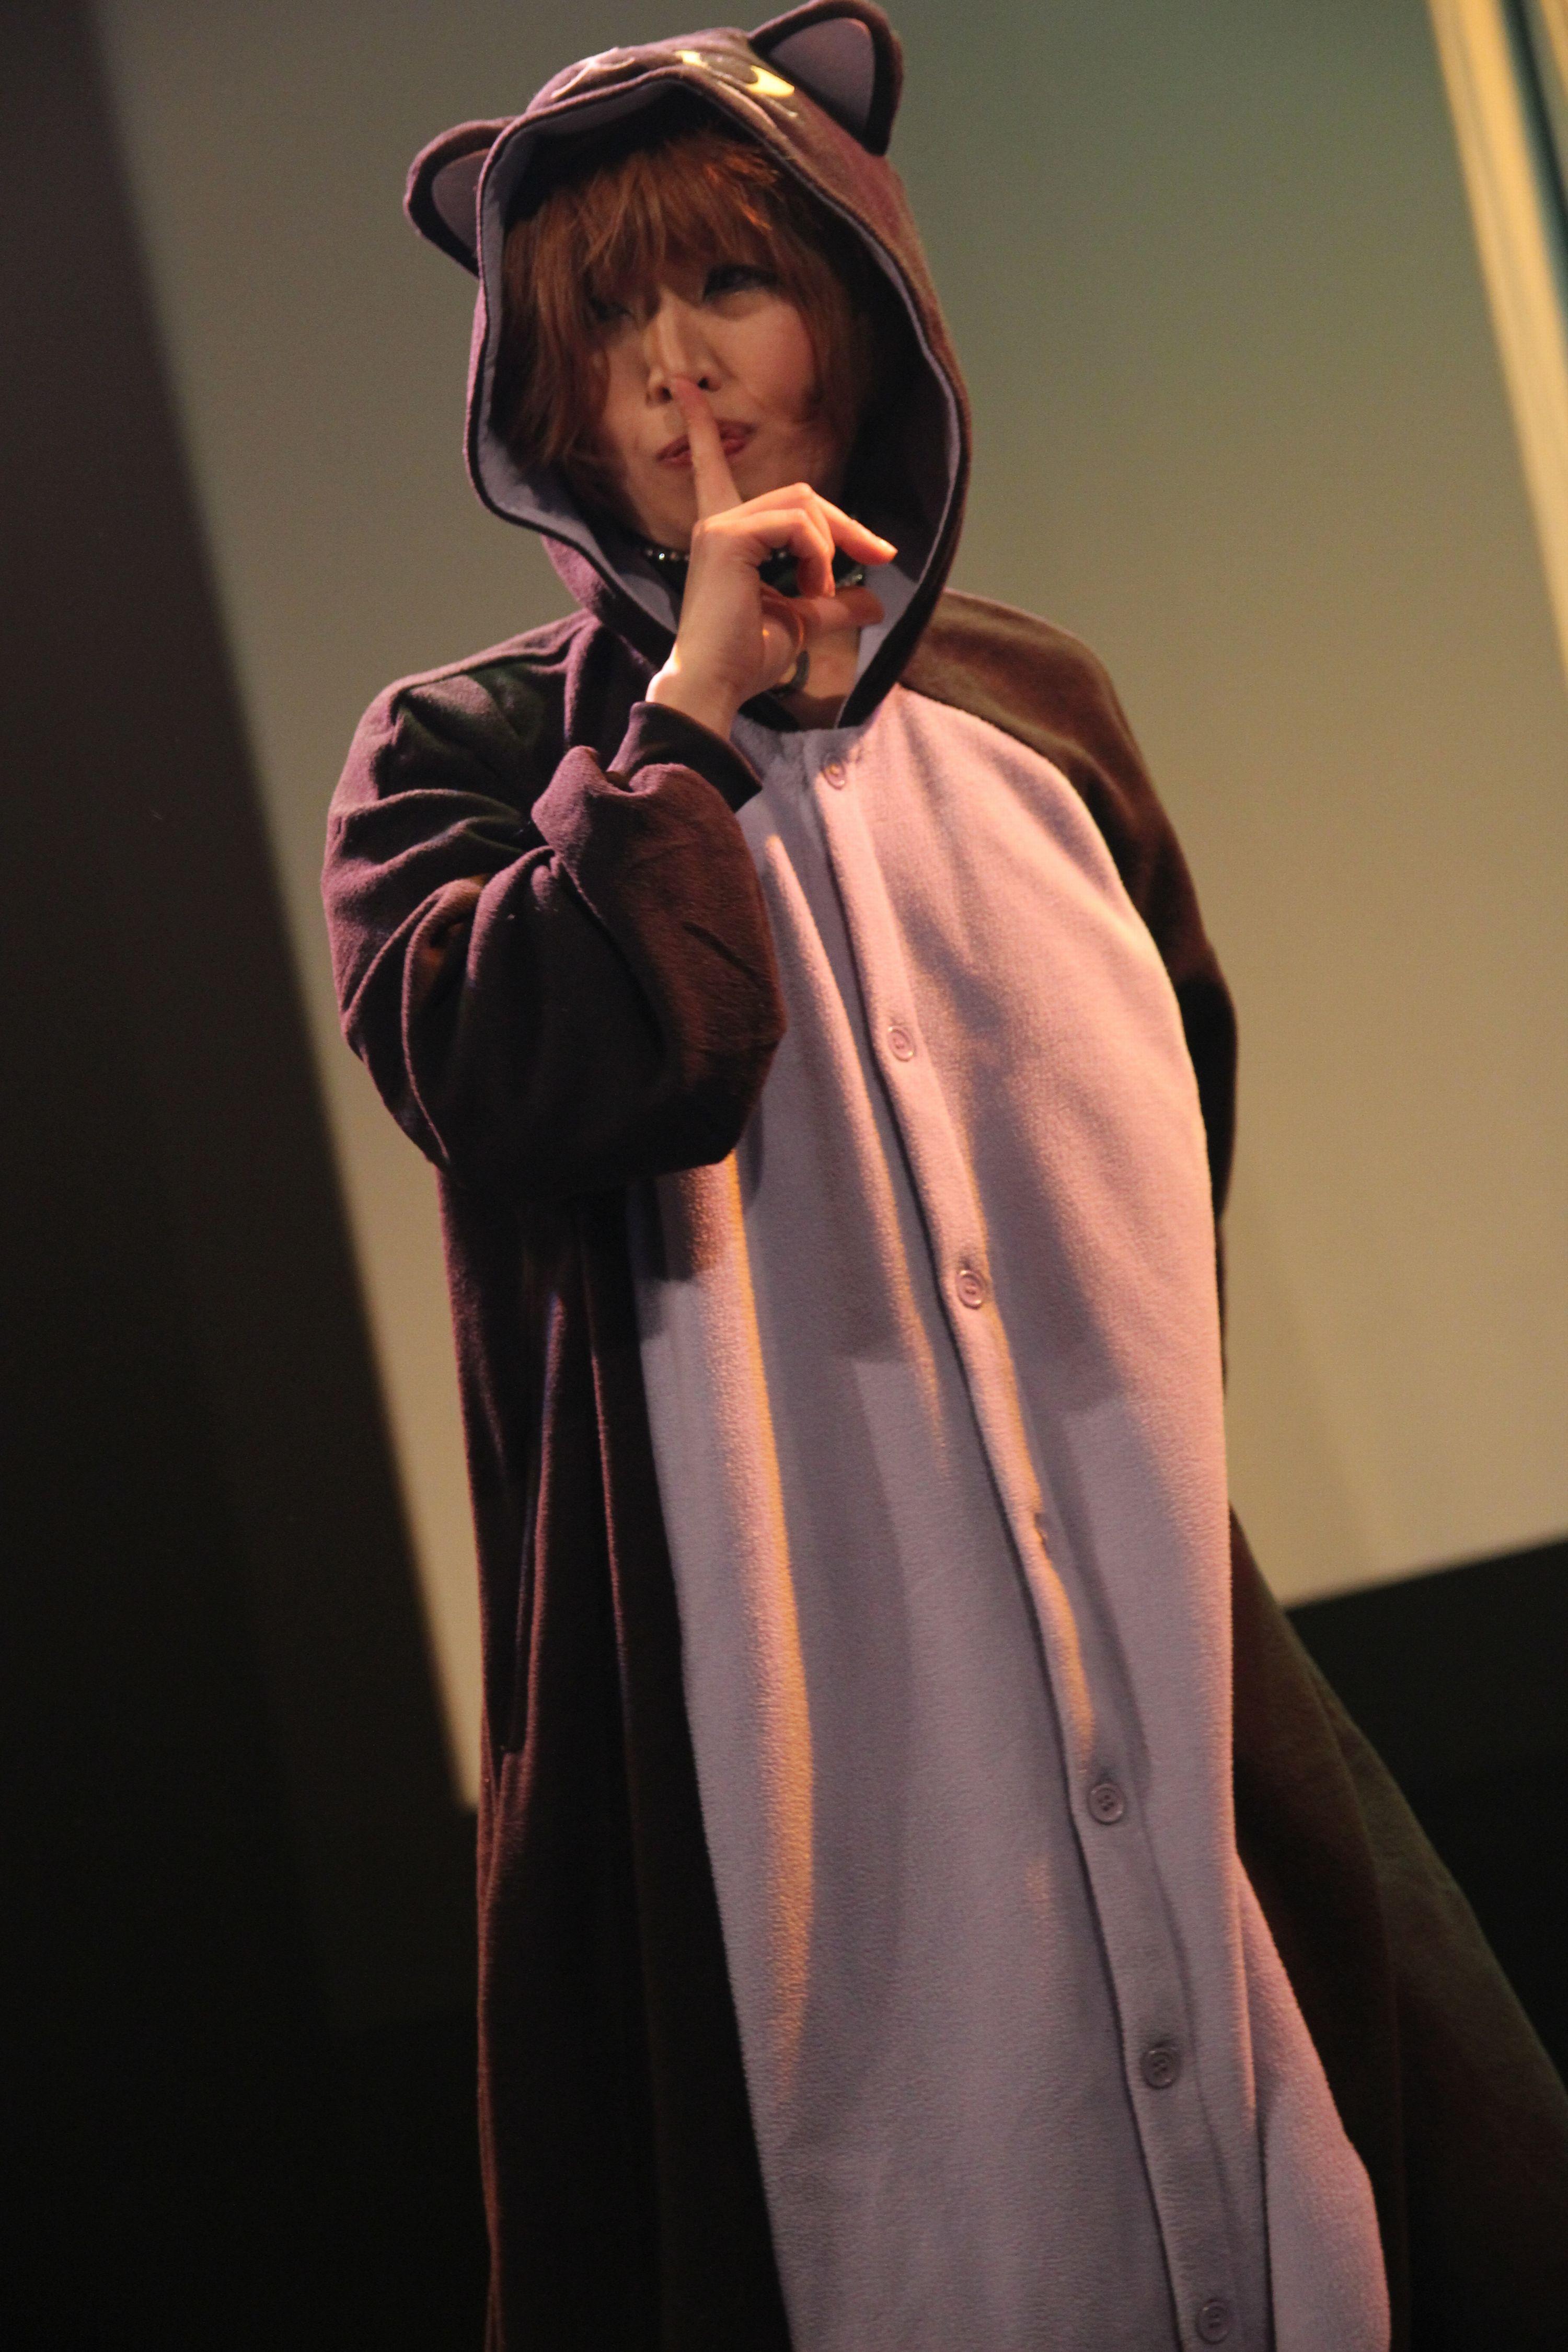 デパートメントH 2099@鶯谷東京キネマ倶楽部 2015年3月~タイガー愛子さんのアクロバティックパフォーマンス~